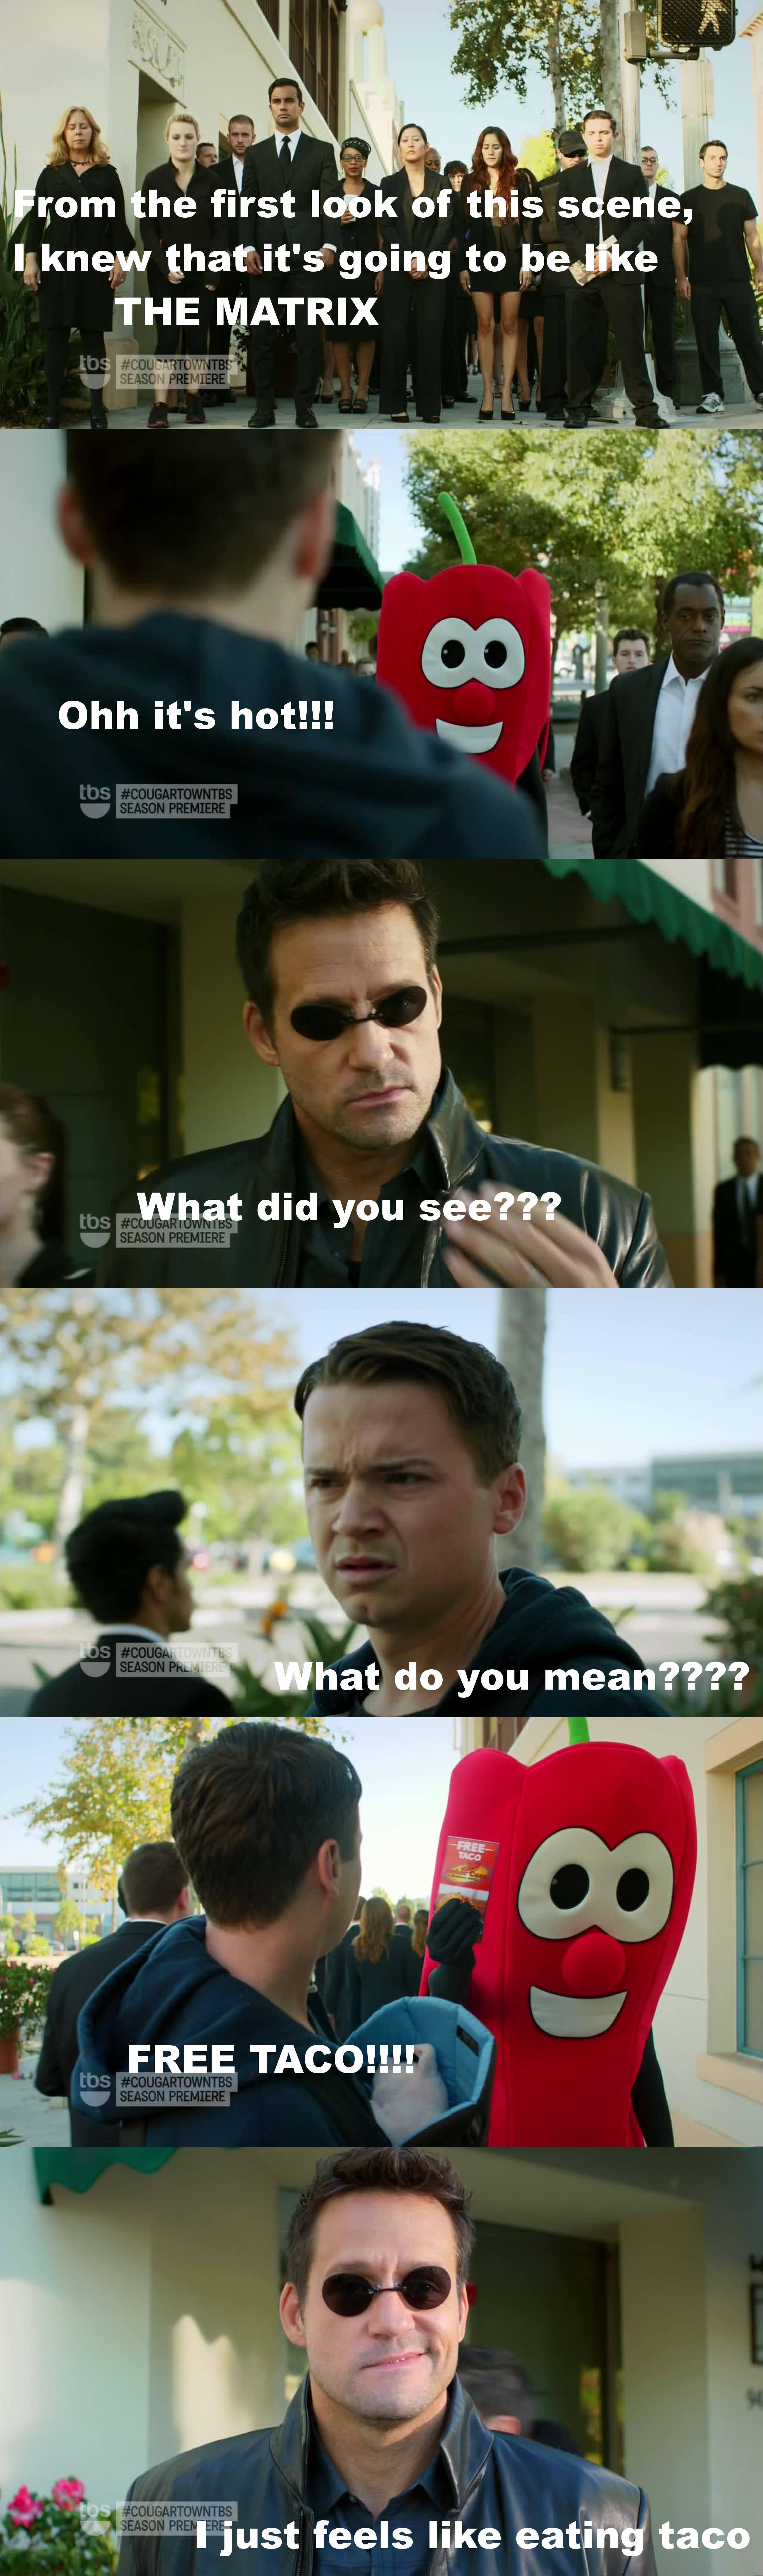 This scene cracked me up hahahahahahahaha